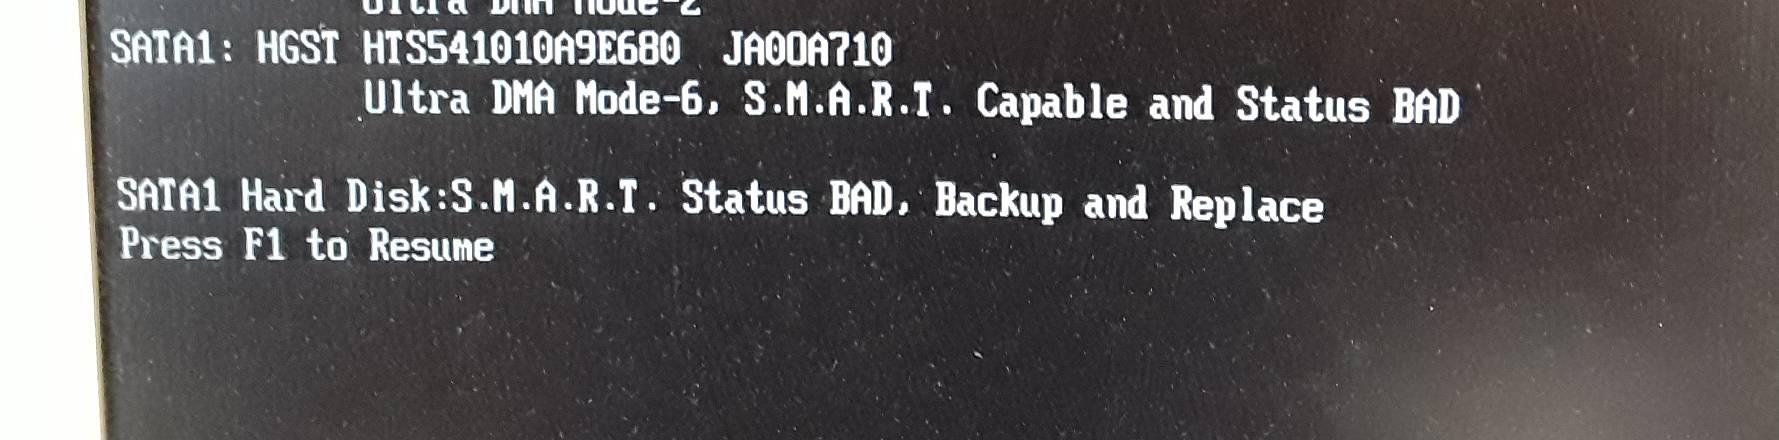 Festplatte hat Fehler - Datenrettung ist möglich